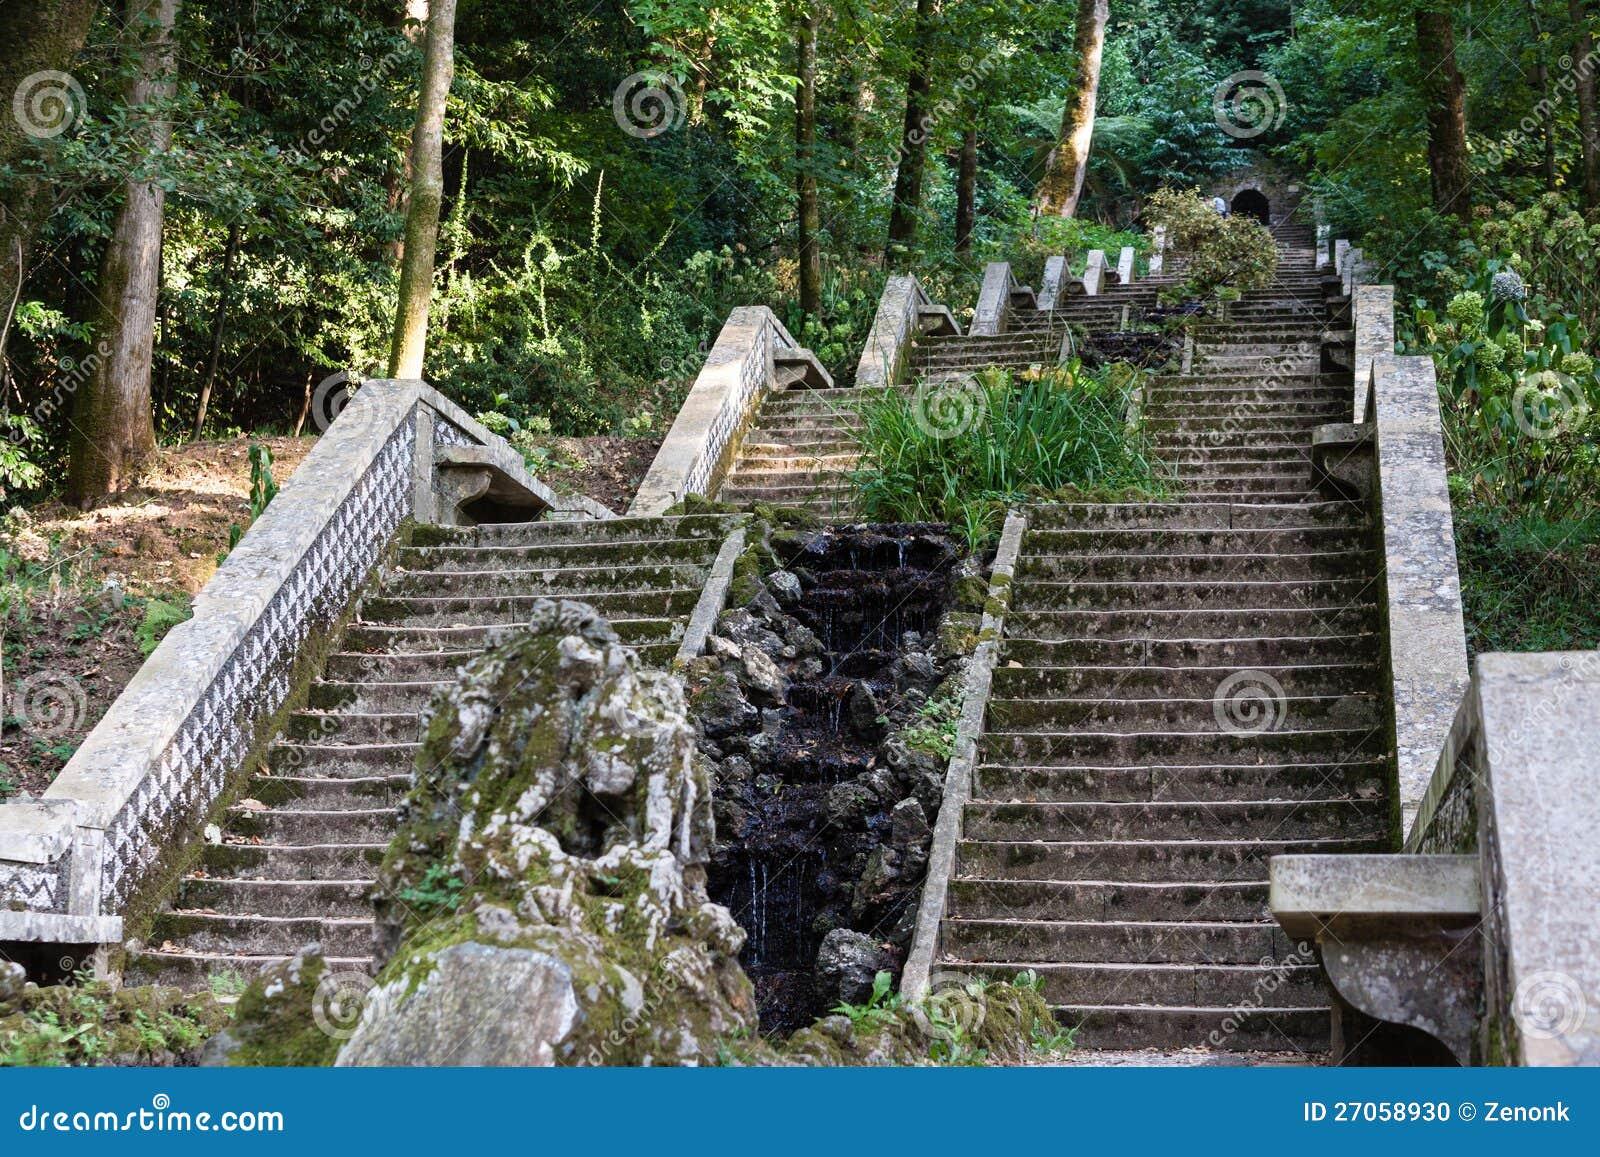 Le scale in giardino di serra fanno bussaco portogallo - Scale in giardino ...